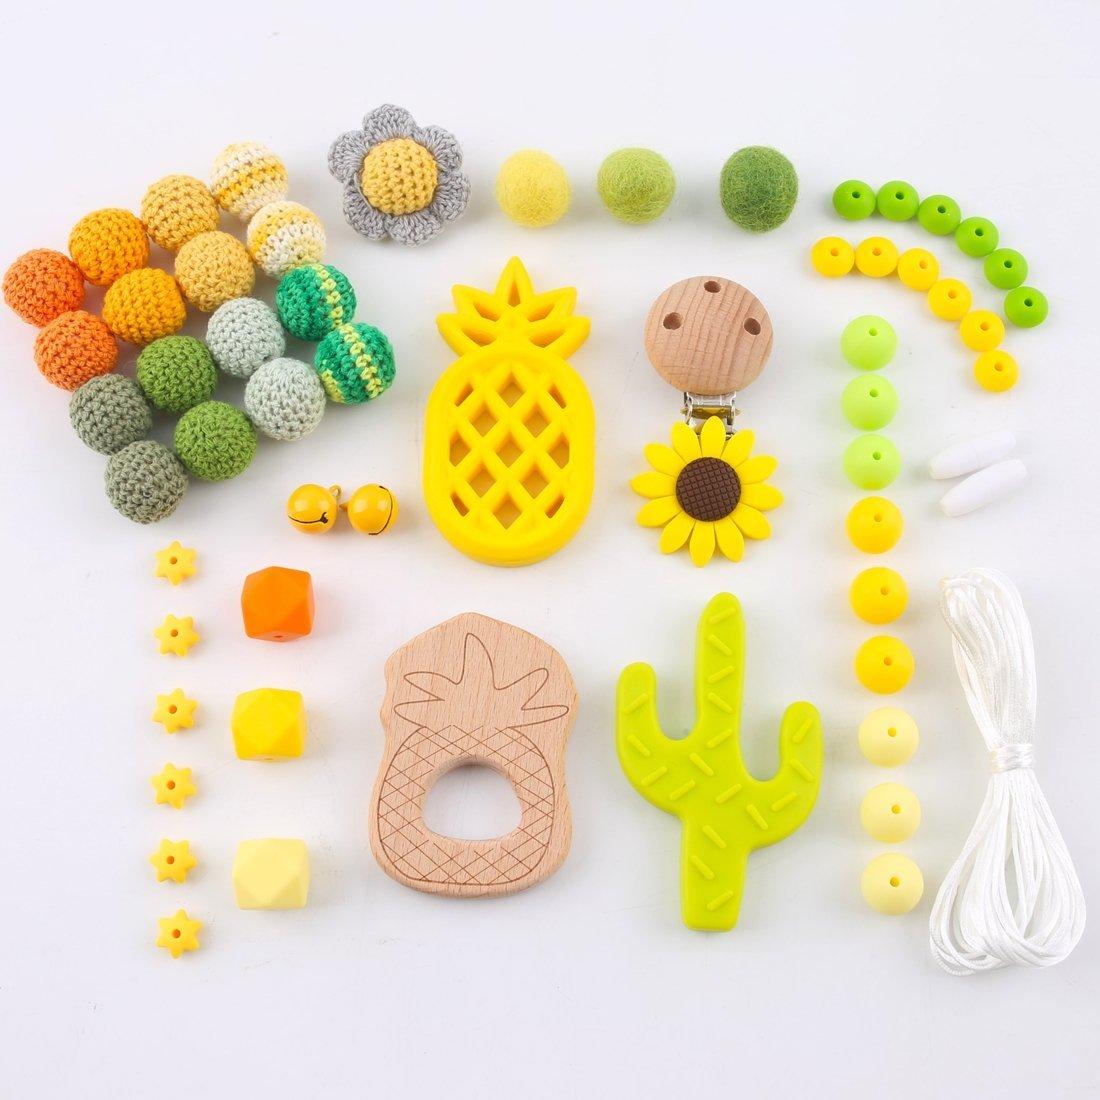 Mamimami Home DIY Baby Beißring Pflege Halskette Holz Häkeln Ringe Ananas Bio Kautabletten Silikon Perlen Armband Schnuller Clips Zahnen Spielzeug (Gelb)